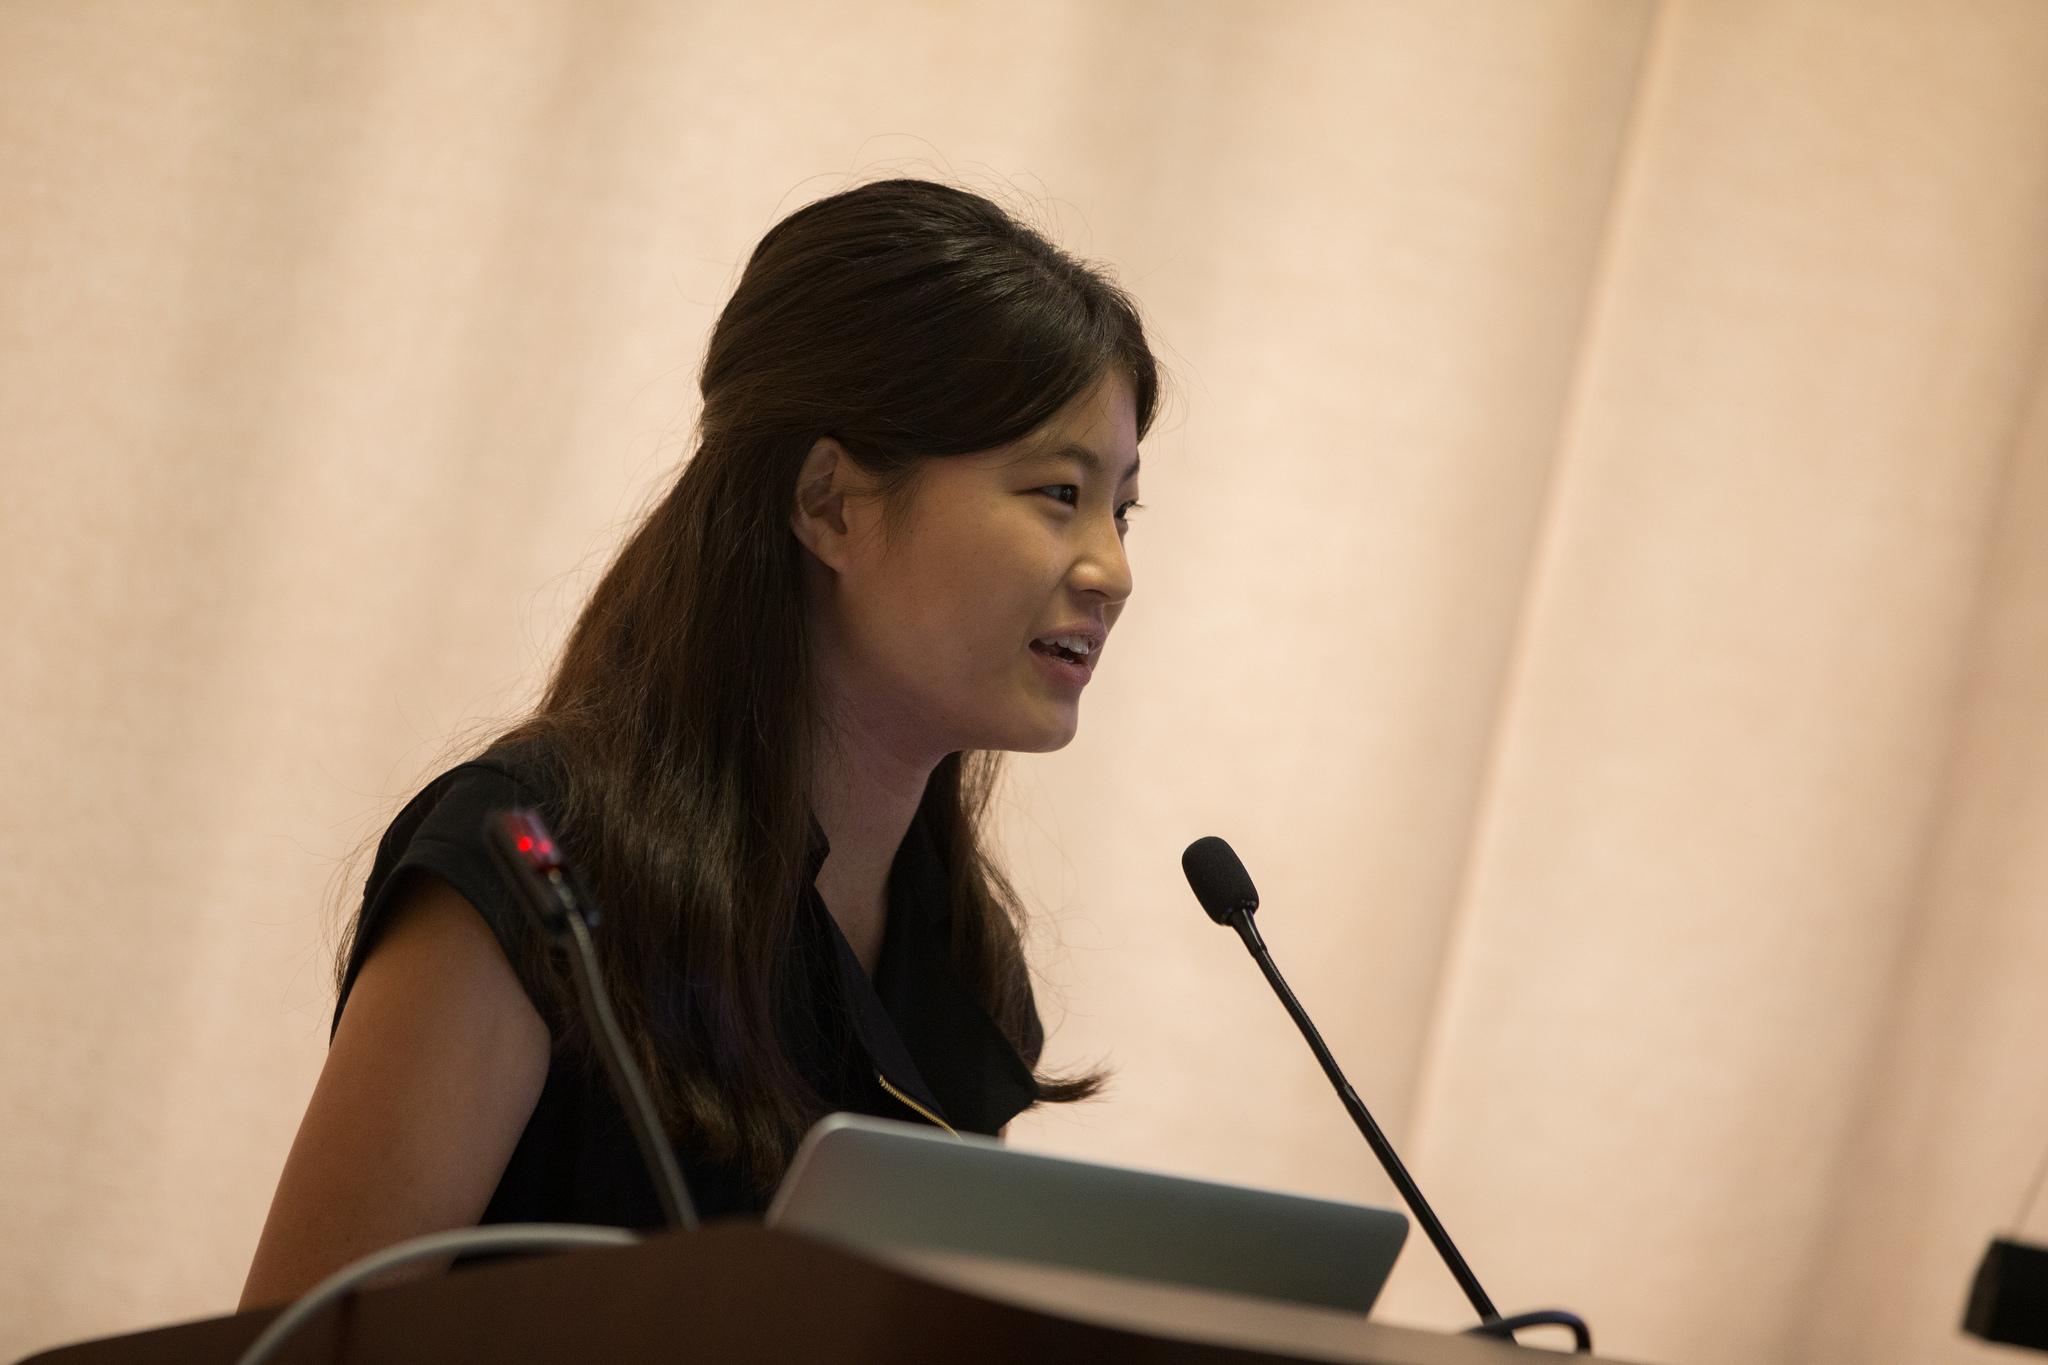 UCSD Undergraduate Lauren Matsumoto